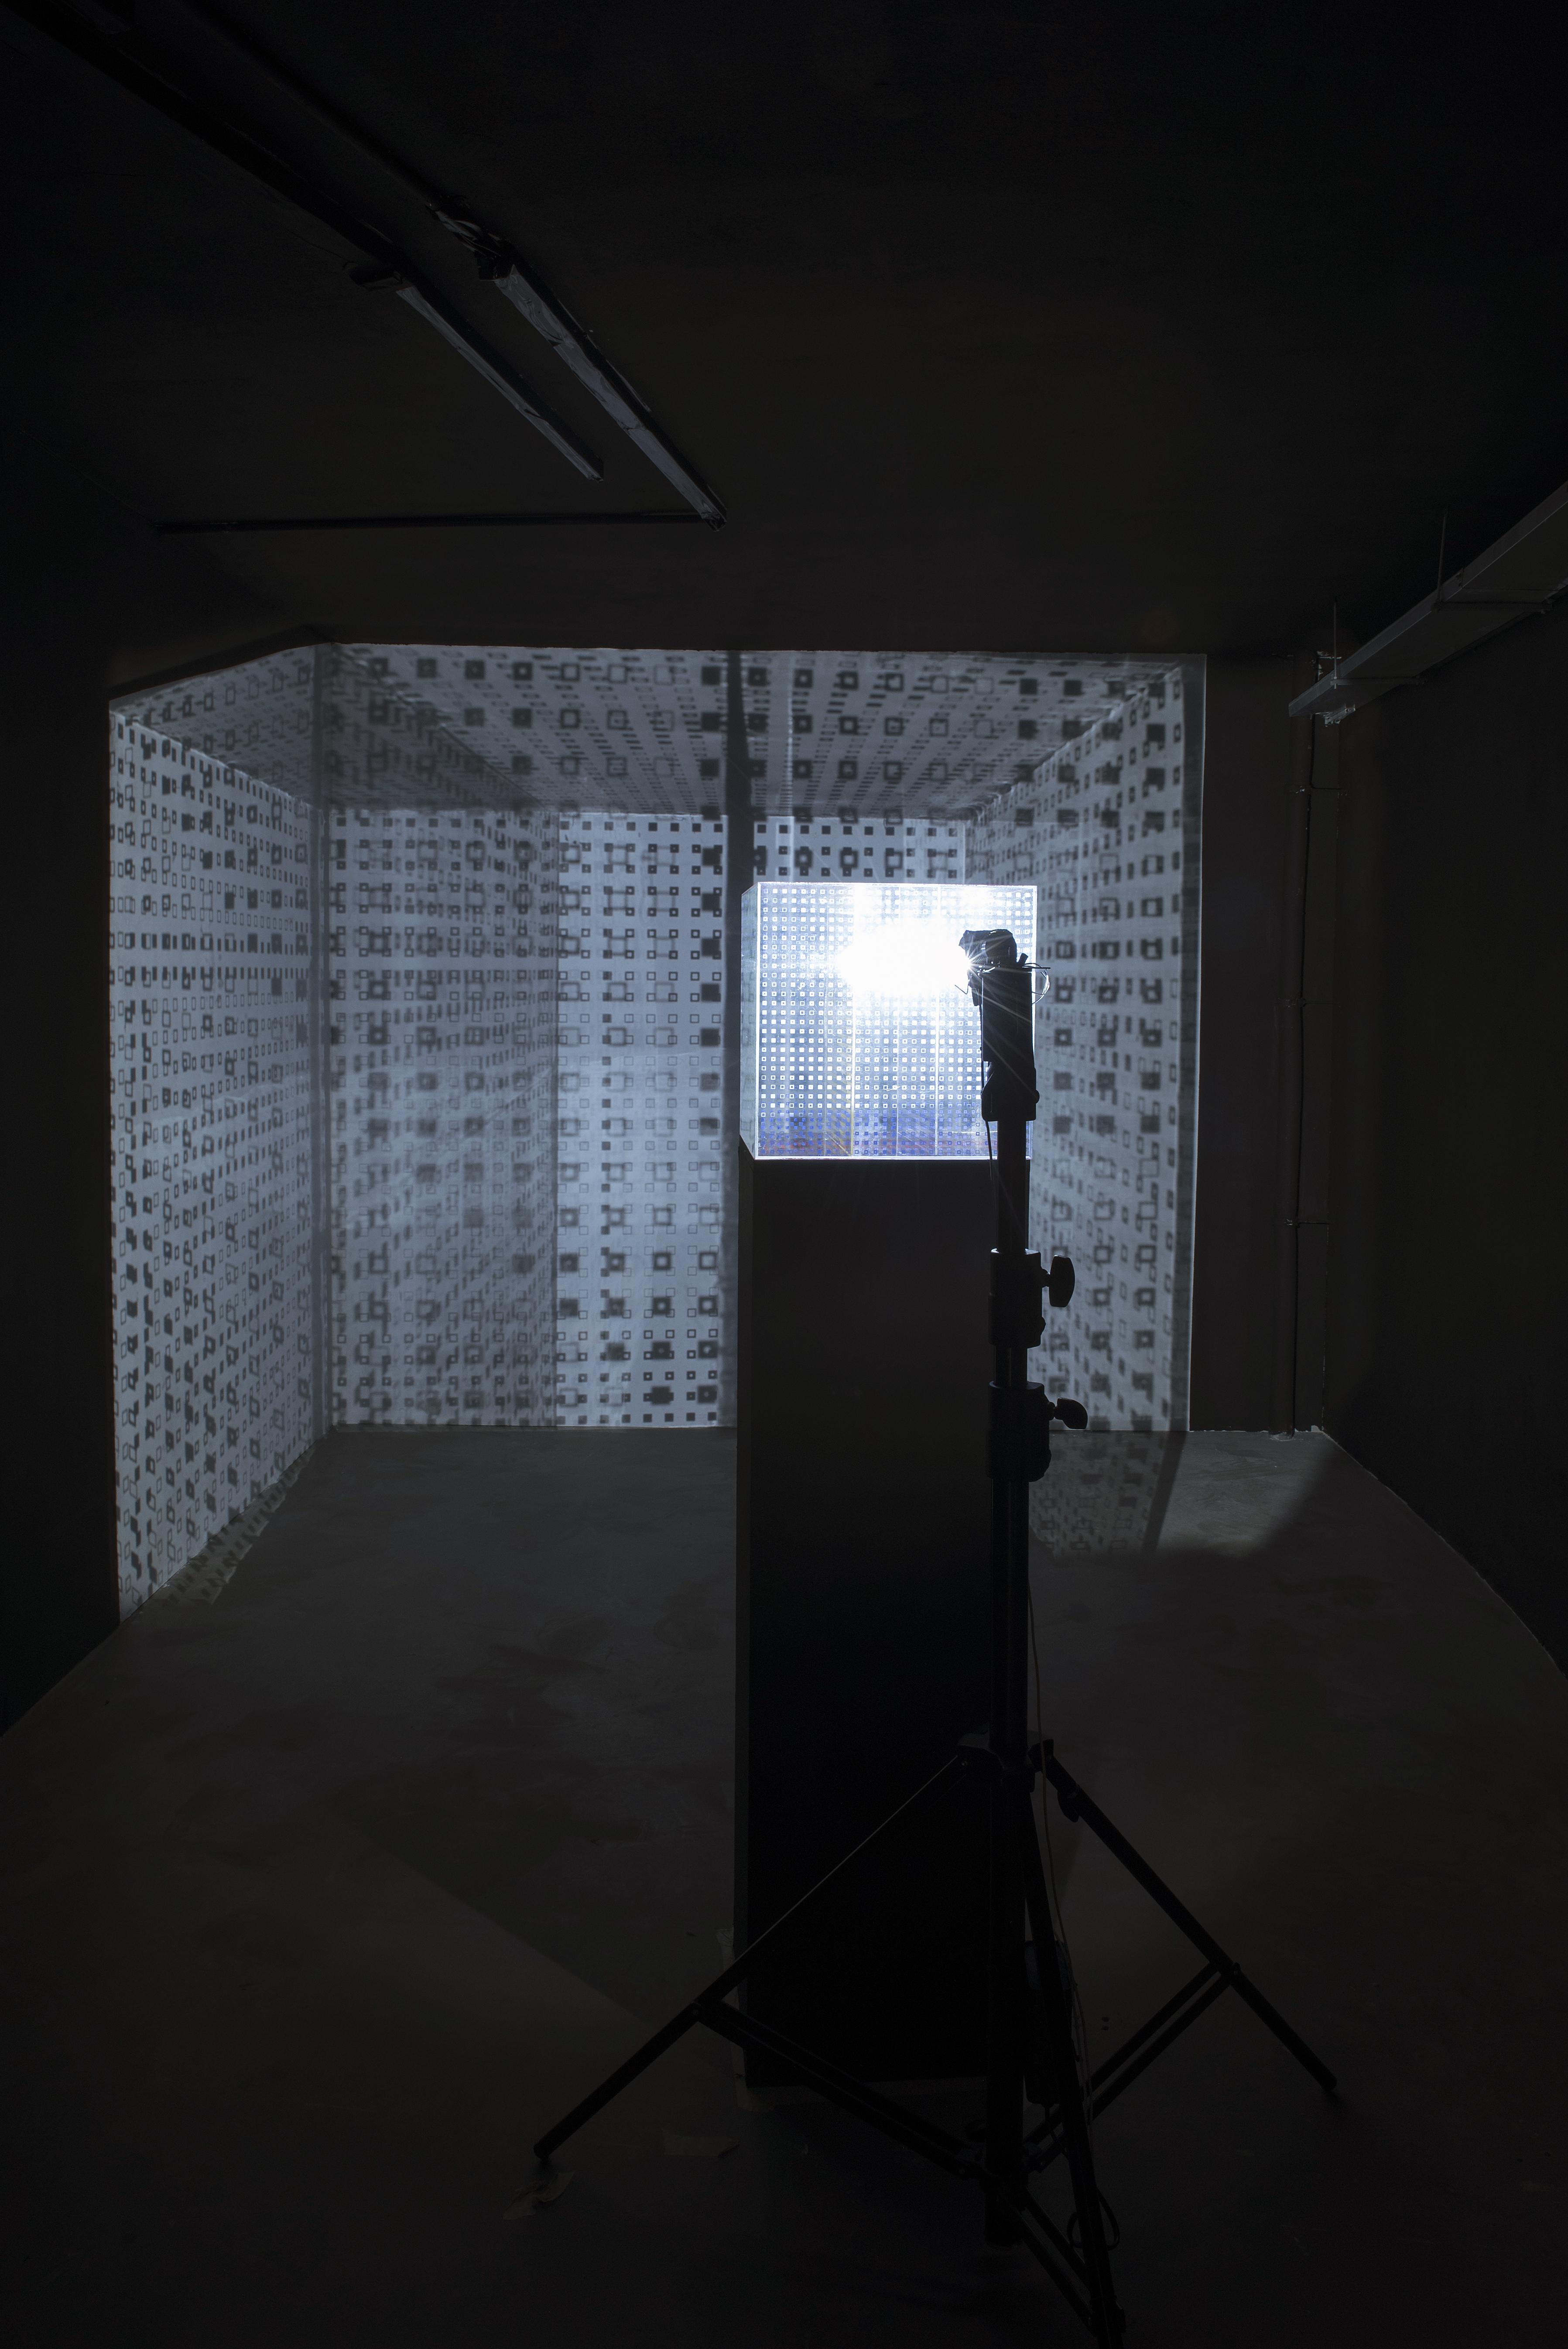 """Ivana Franke, Wejście w""""gdzie indziej"""" (Przestrzeń myśli), 2015 orazVjenceslav Richter, Przestrzenna grafika systemowa, 1997. Fot.Małgorzata Kujda, © Muzeum Współczesne Wrocław, 2015"""